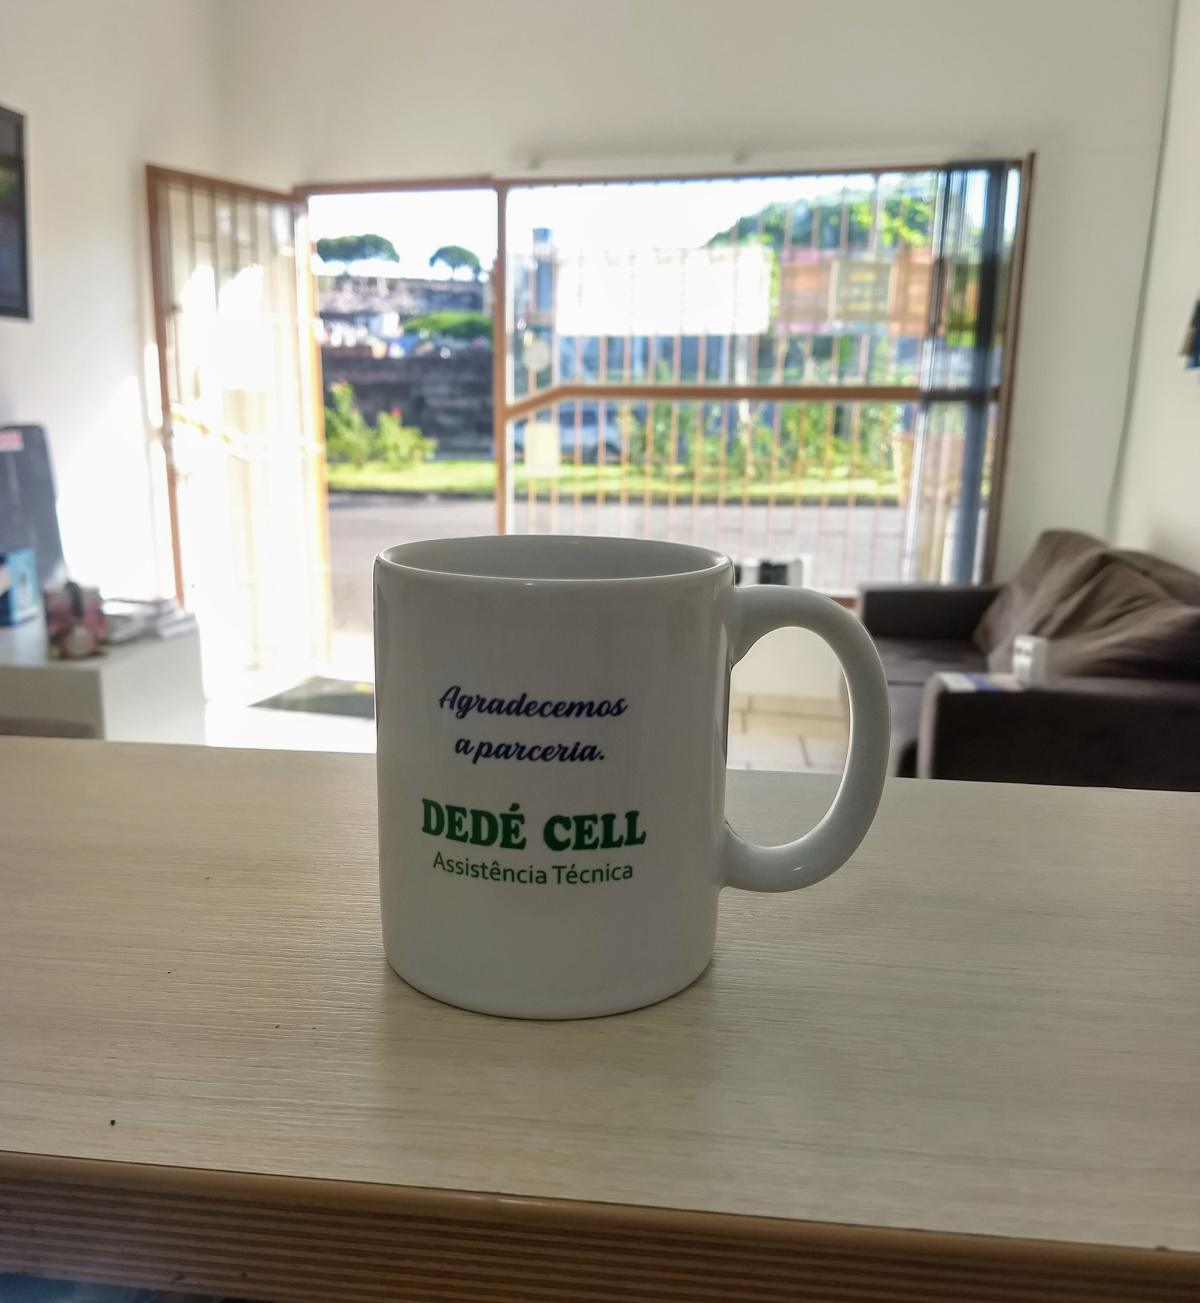 Dedé Cell